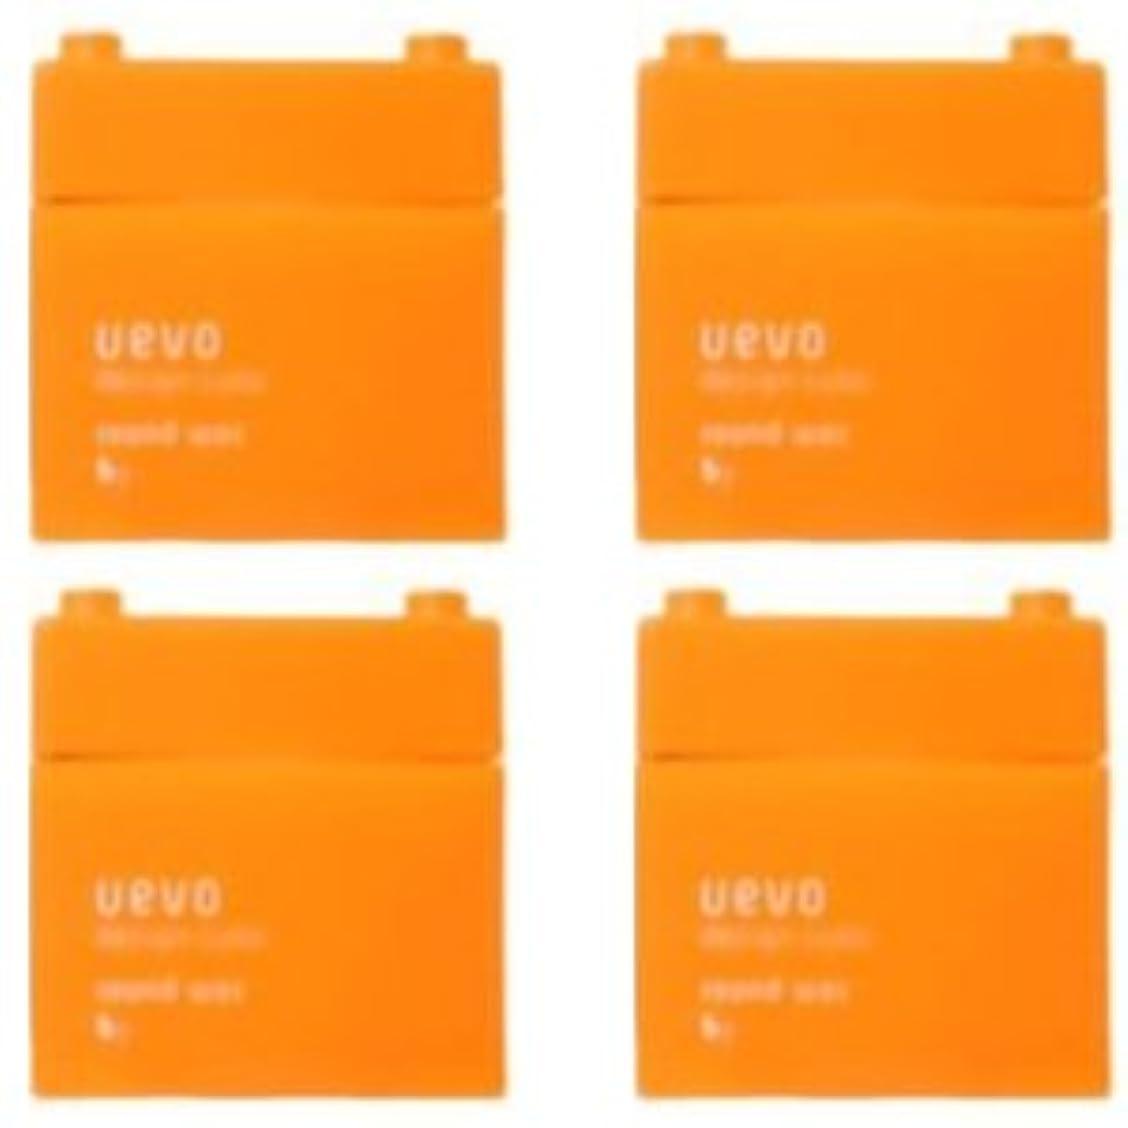 最高最小化するホバー【X4個セット】 デミ ウェーボ デザインキューブ ラウンドワックス 80g round wax DEMI uevo design cube